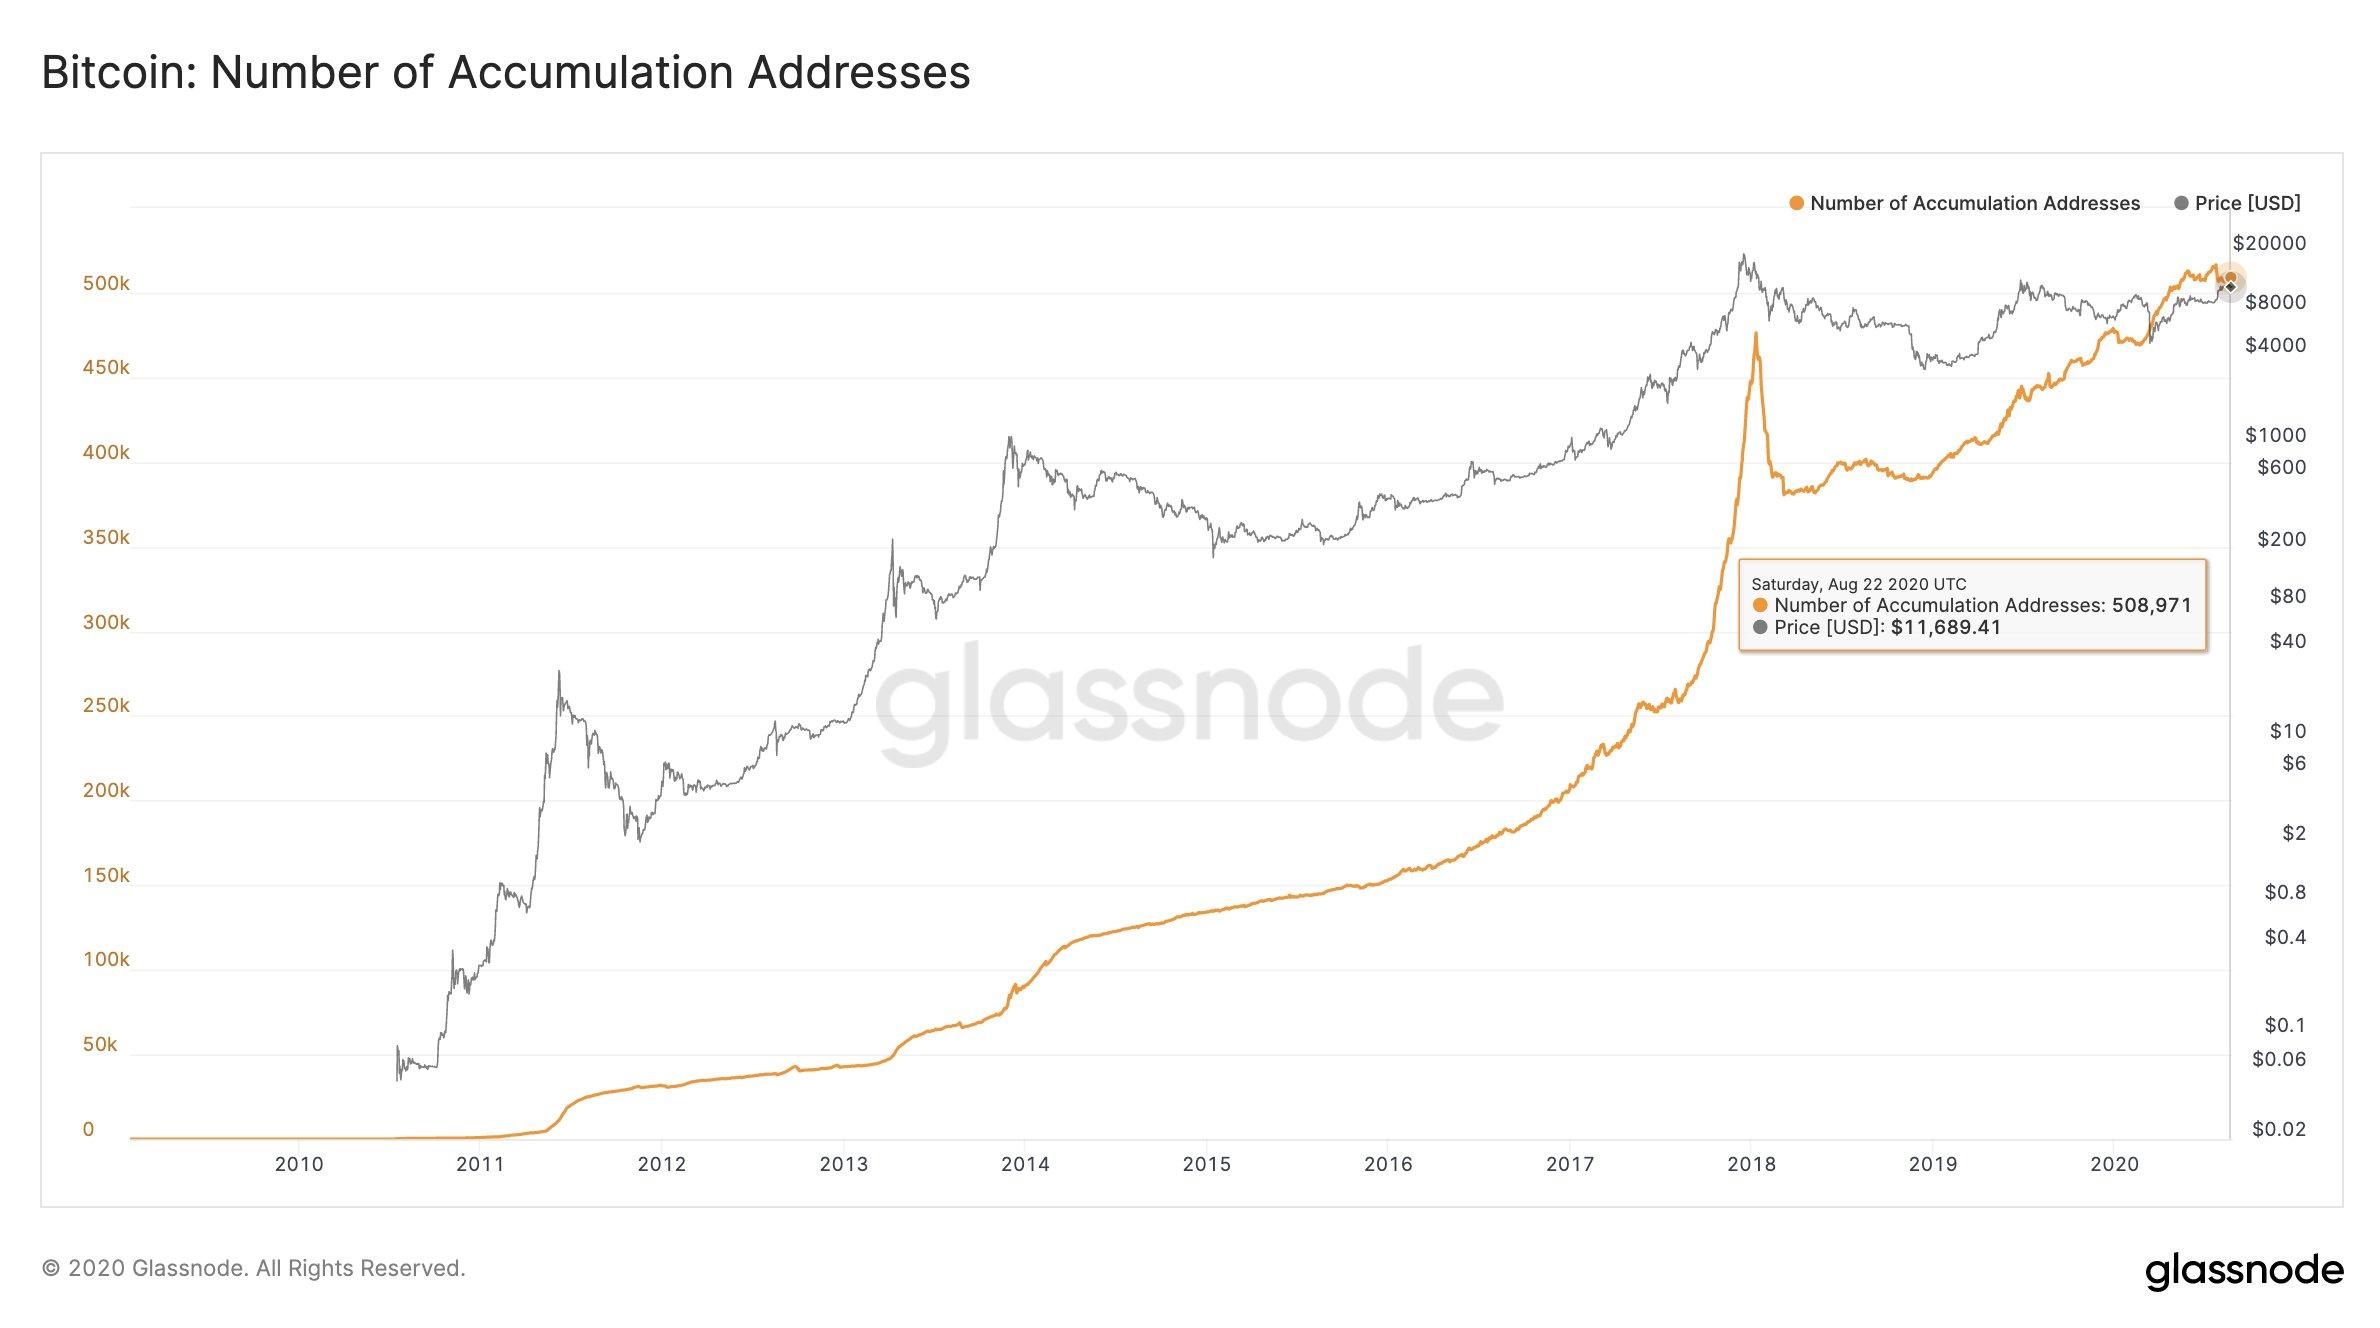 Согласно последнему отчету компании Glassnode, число кошельков, на которых игроки долгое время накапливали BTC, увеличилось до 500 000.